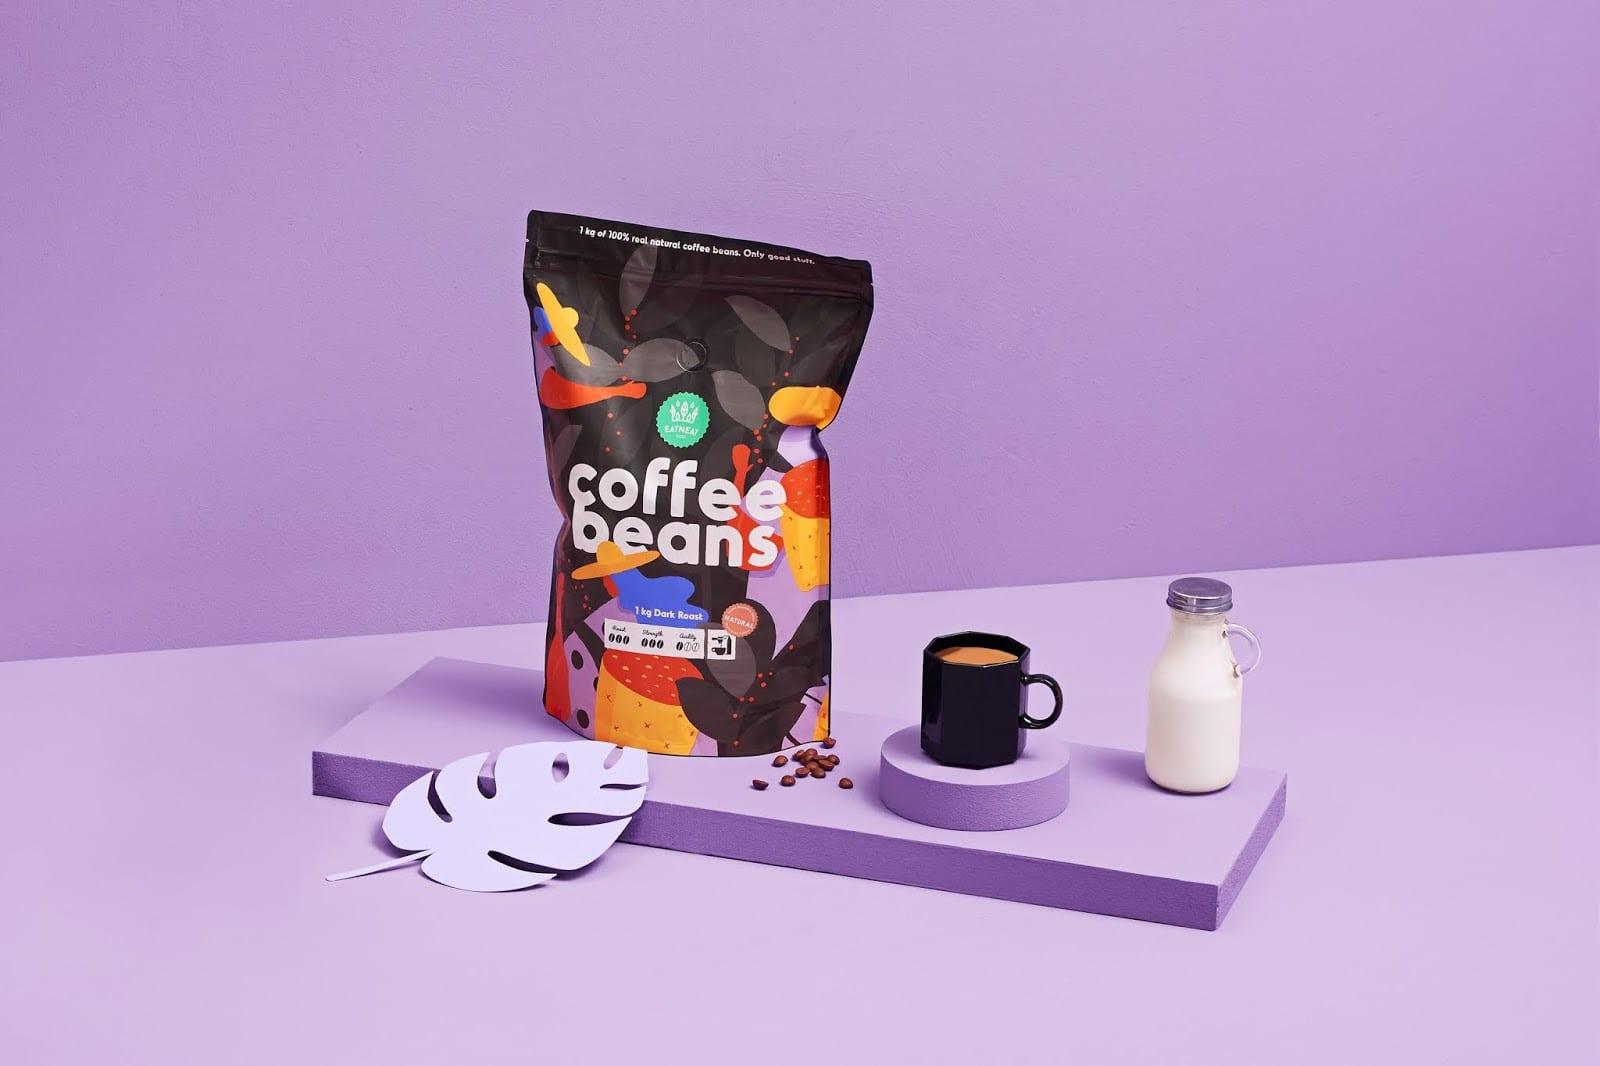 coffebeans14 - Coffee Beans je nová značka kávy s hravým obalem